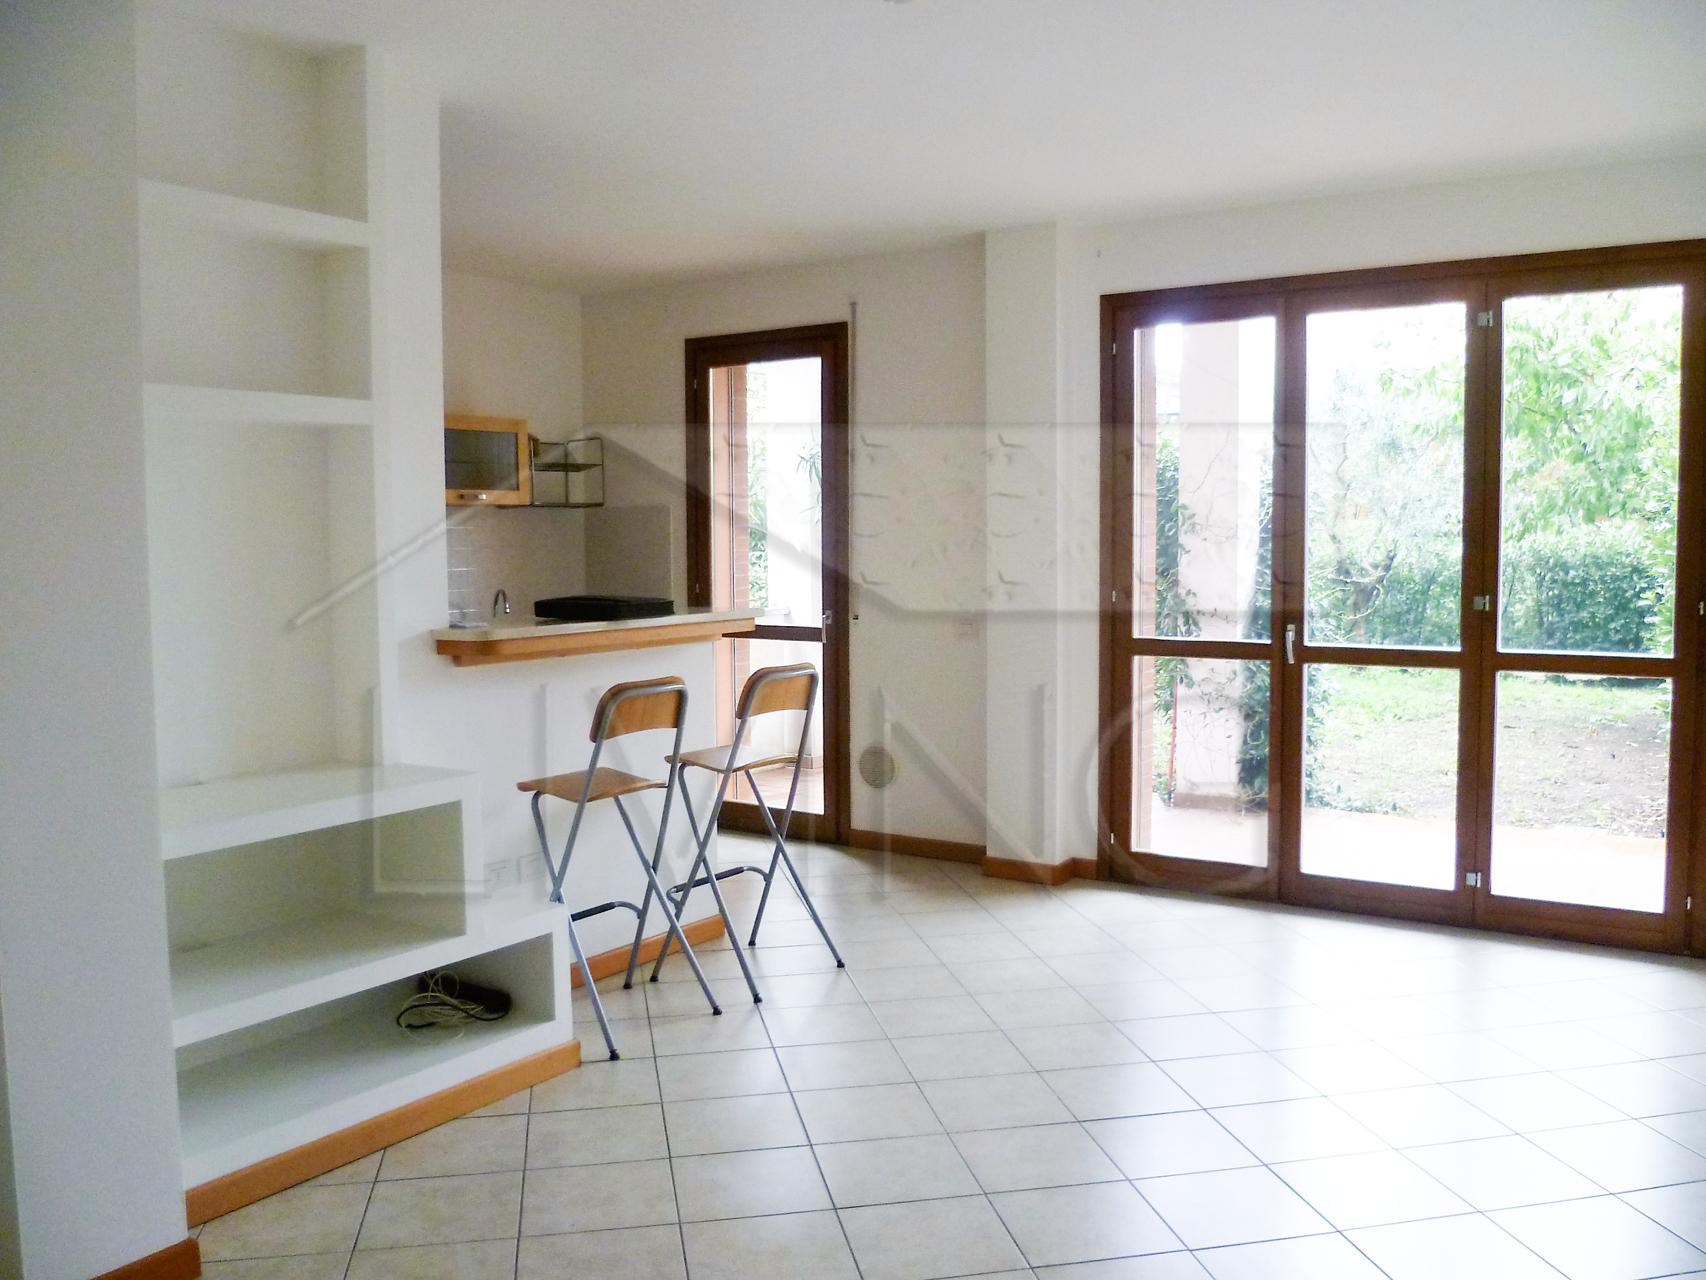 Rif 214 l appartamento in vendita a lonato del garda for Appartamento sinonimo